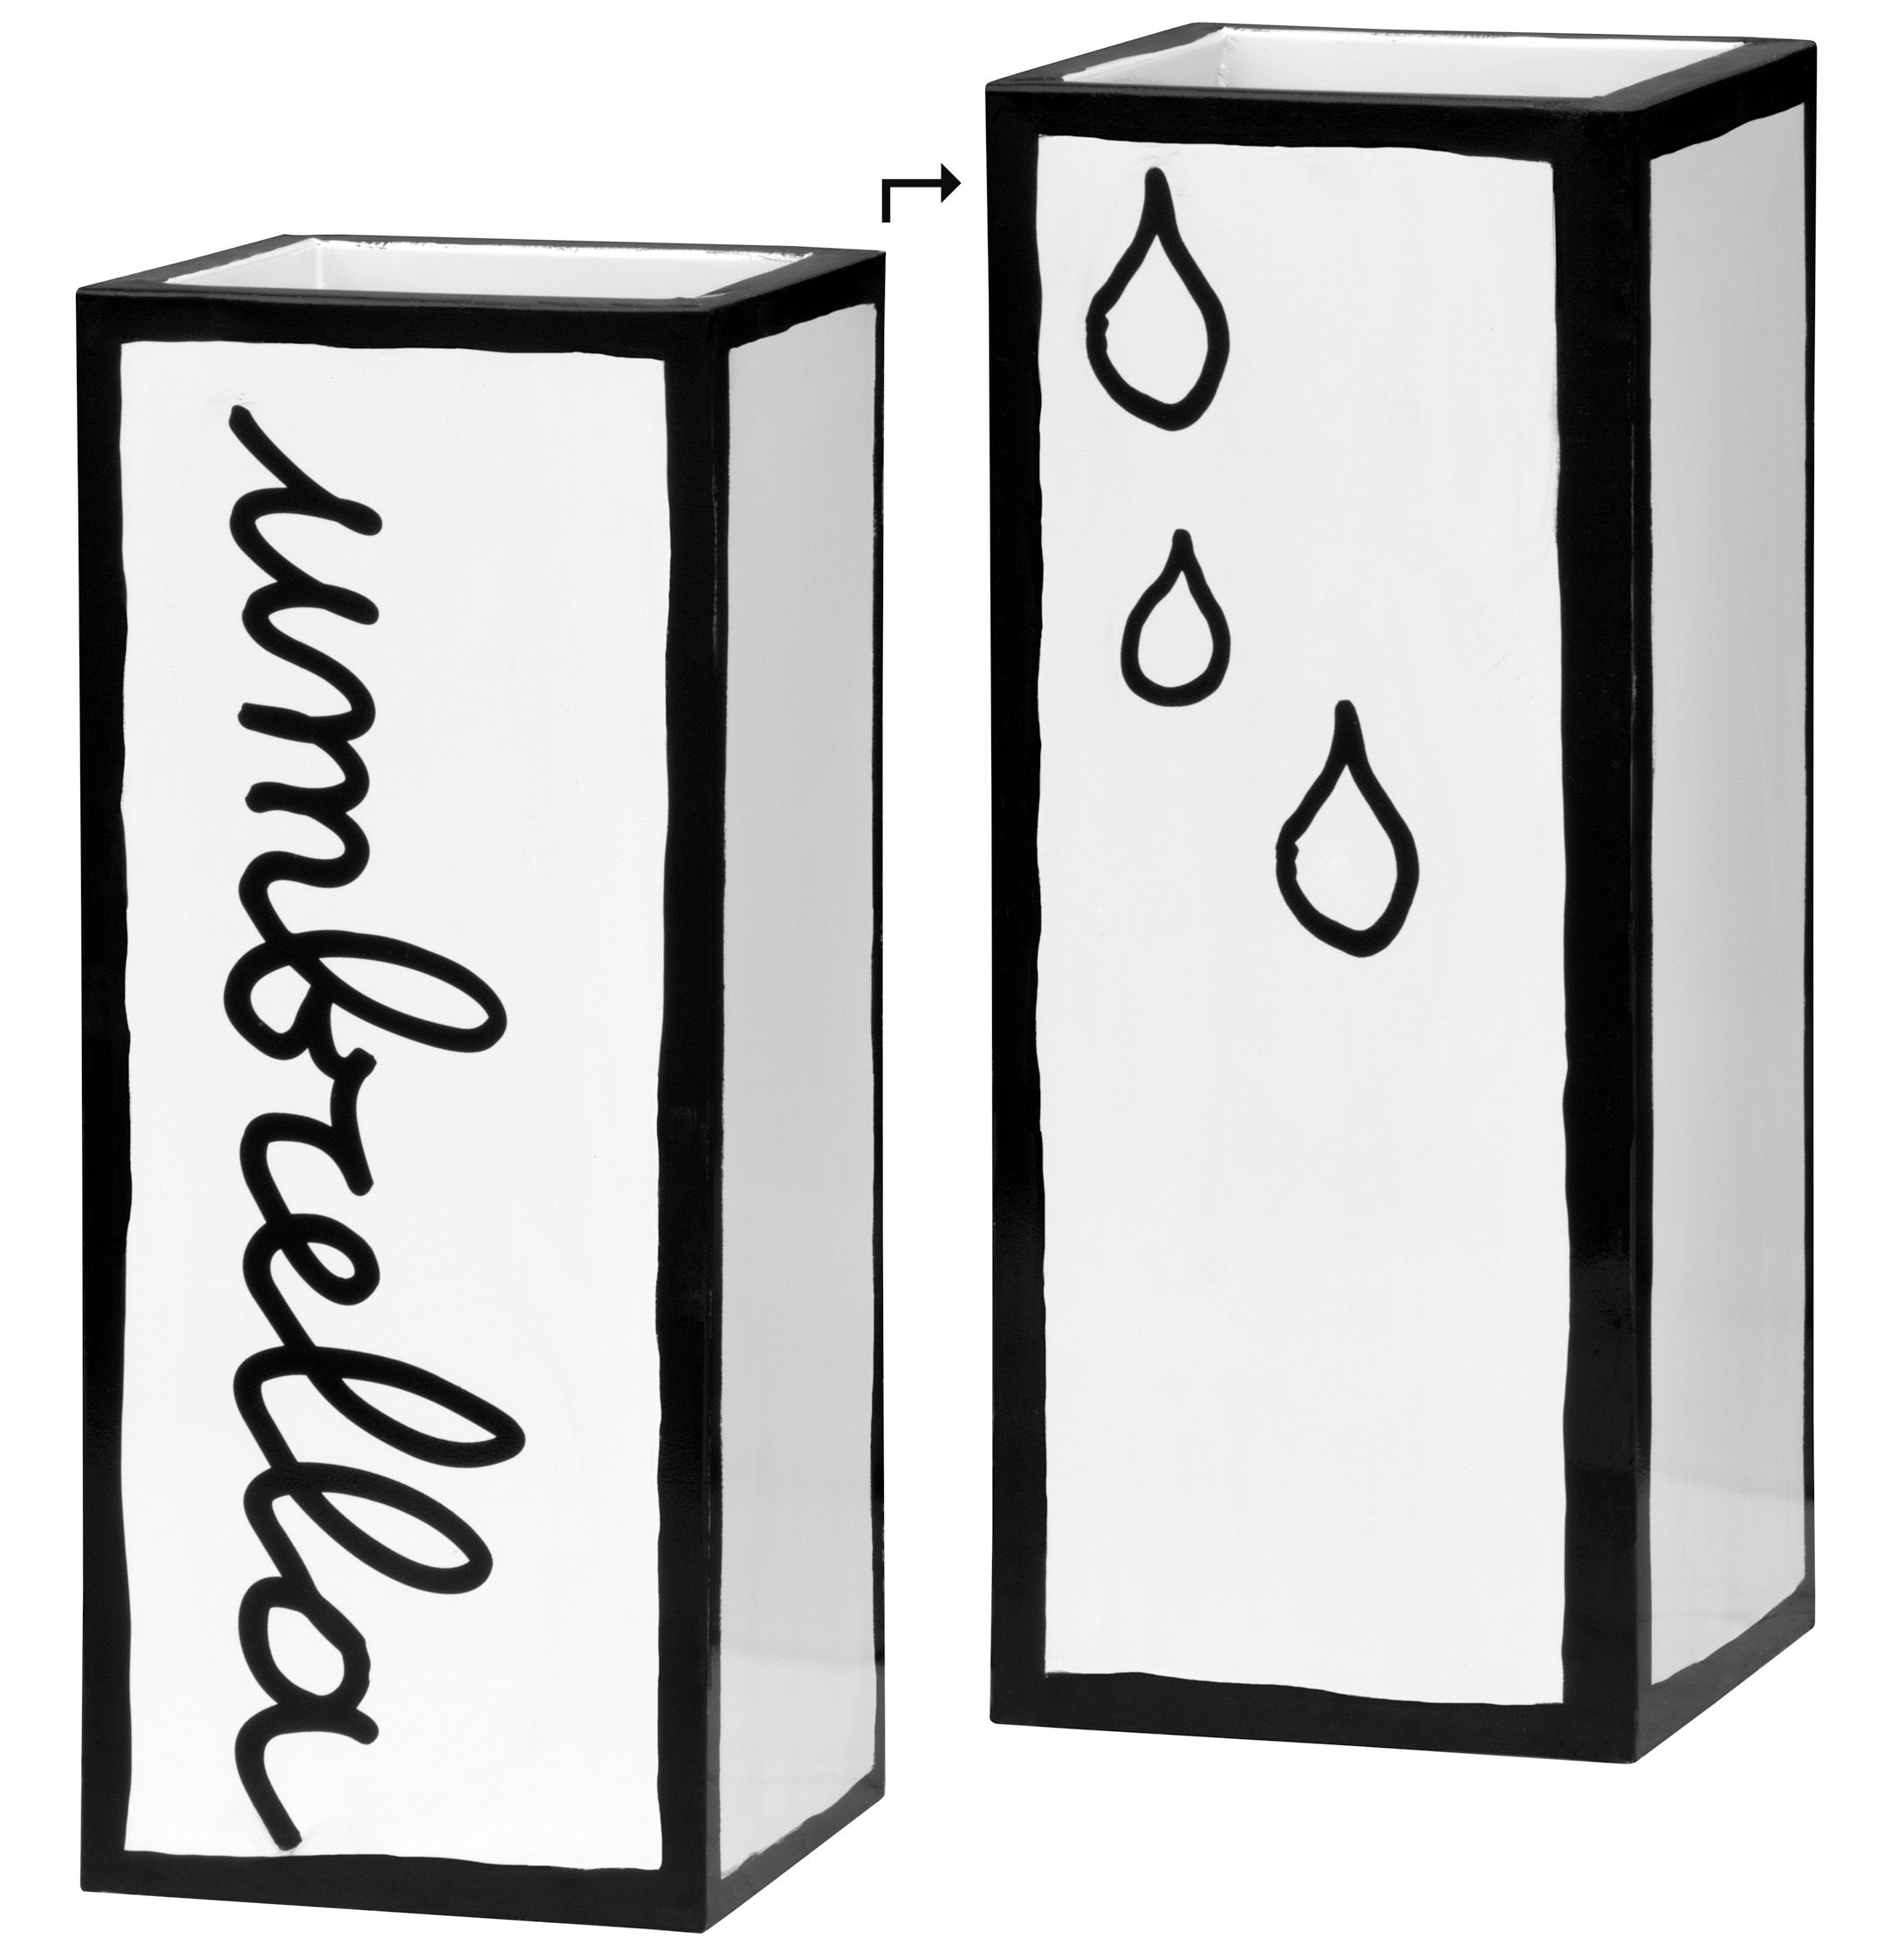 Interni - Pratici e intelligenti - Portaombrelli Umbrella - H 54 cm di Seletti - Bianco & nero - Metallo